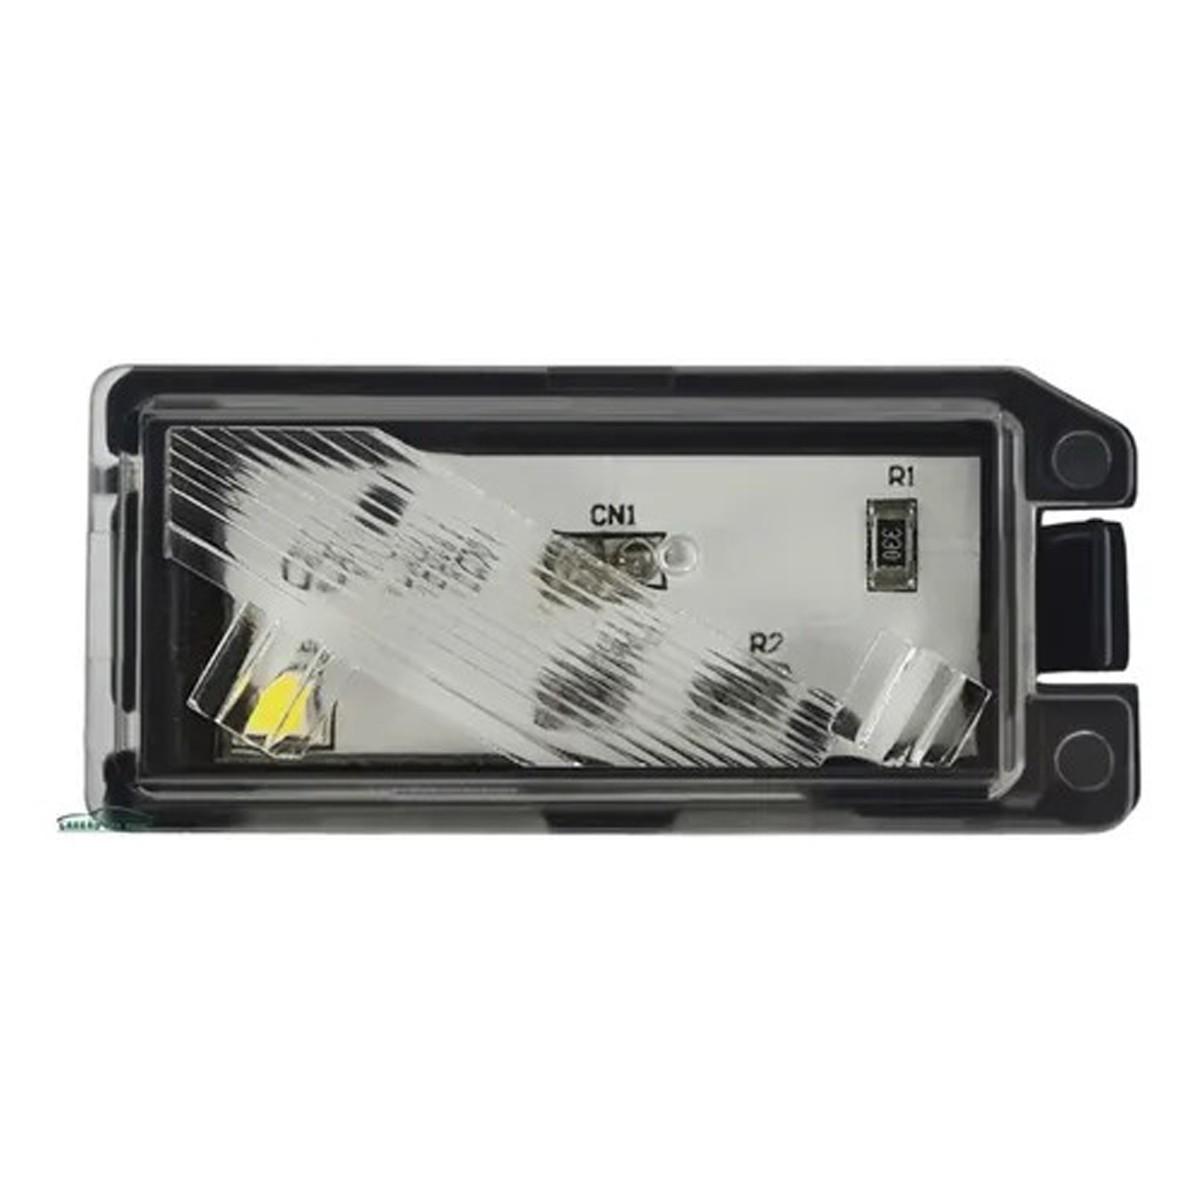 Lanterna Placa Fiat 500 Conector Redondo